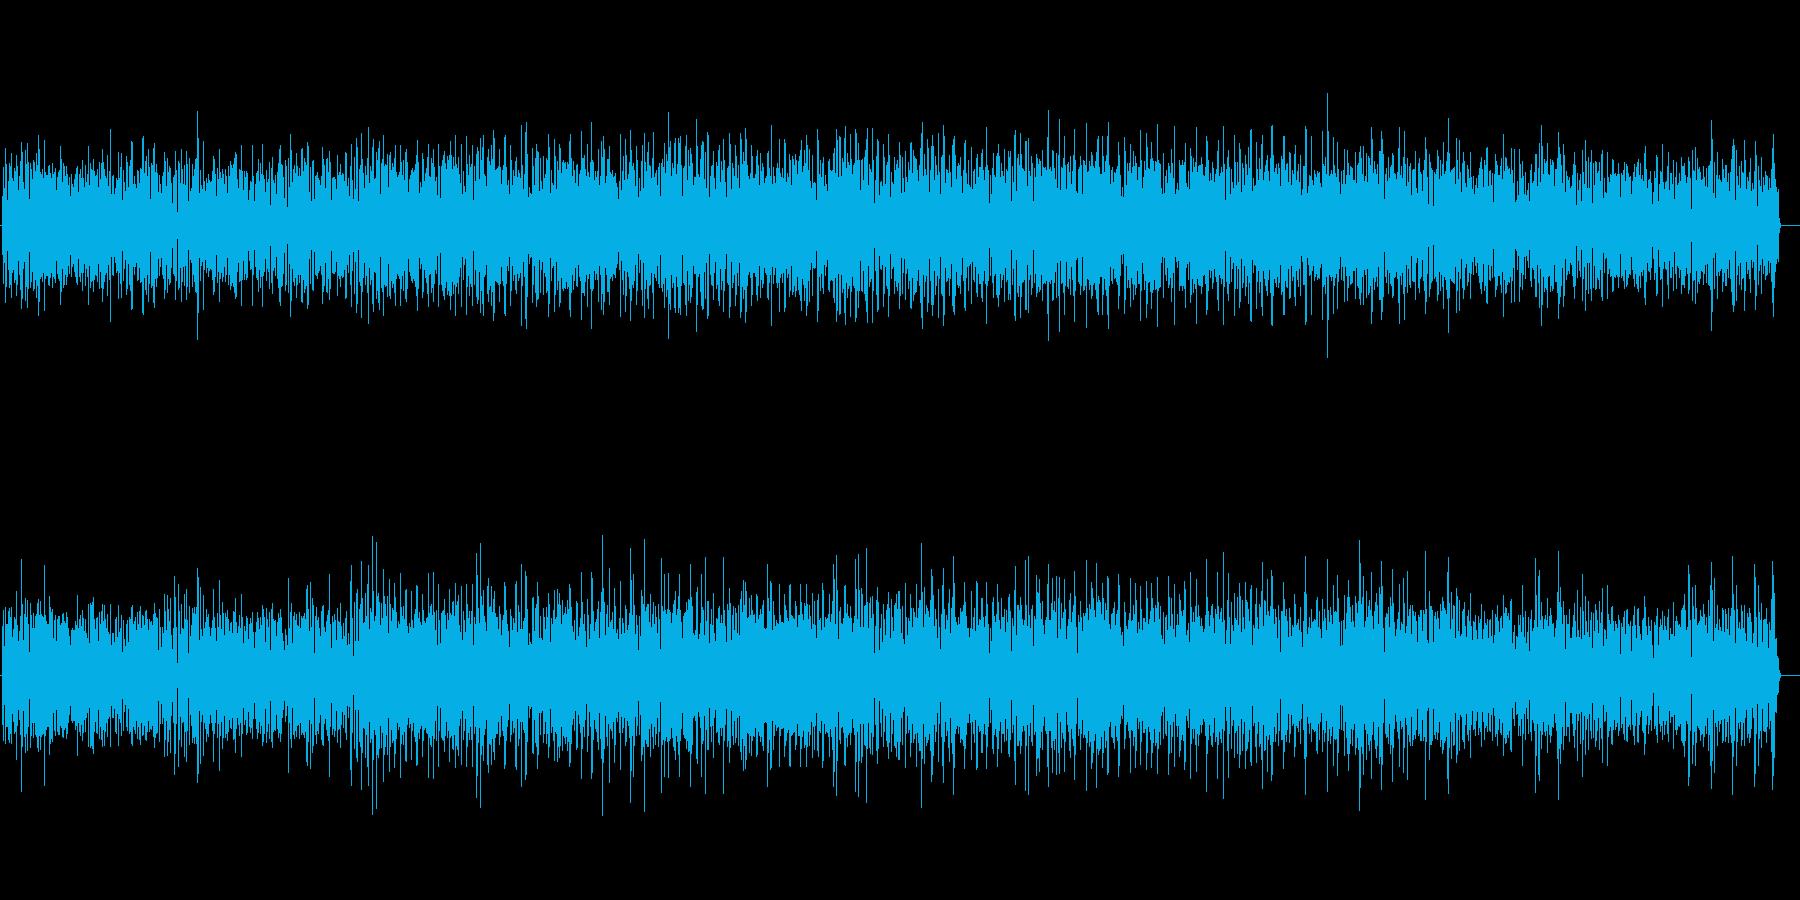 明るく陽気な雰囲気のジャズBGMの再生済みの波形